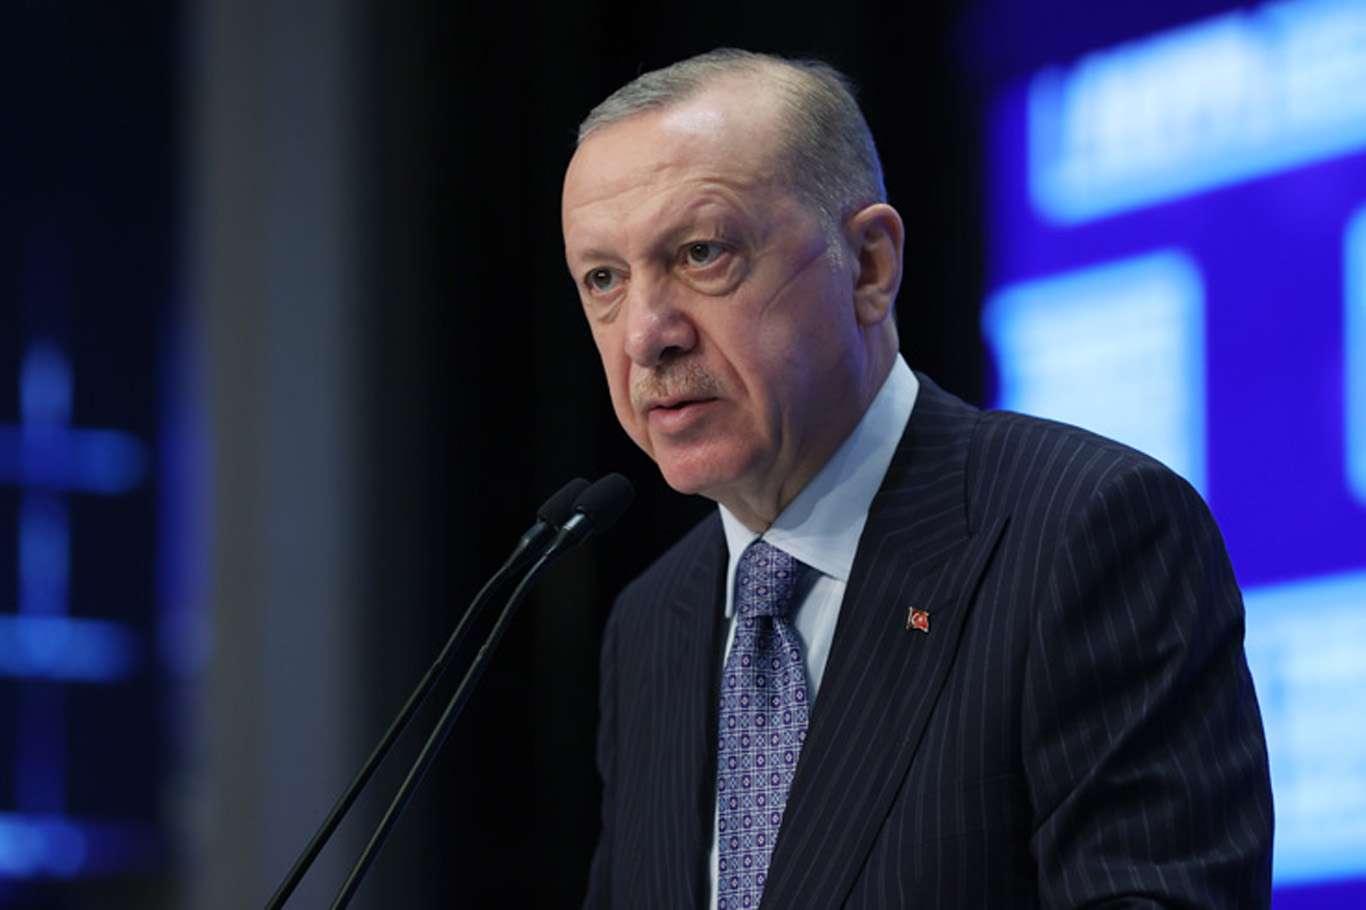 Cumhurbaşkanı Erdoğan: Yeni küresel sistemde üzerimize ne düşüyorsa yapmakta kararlıyız